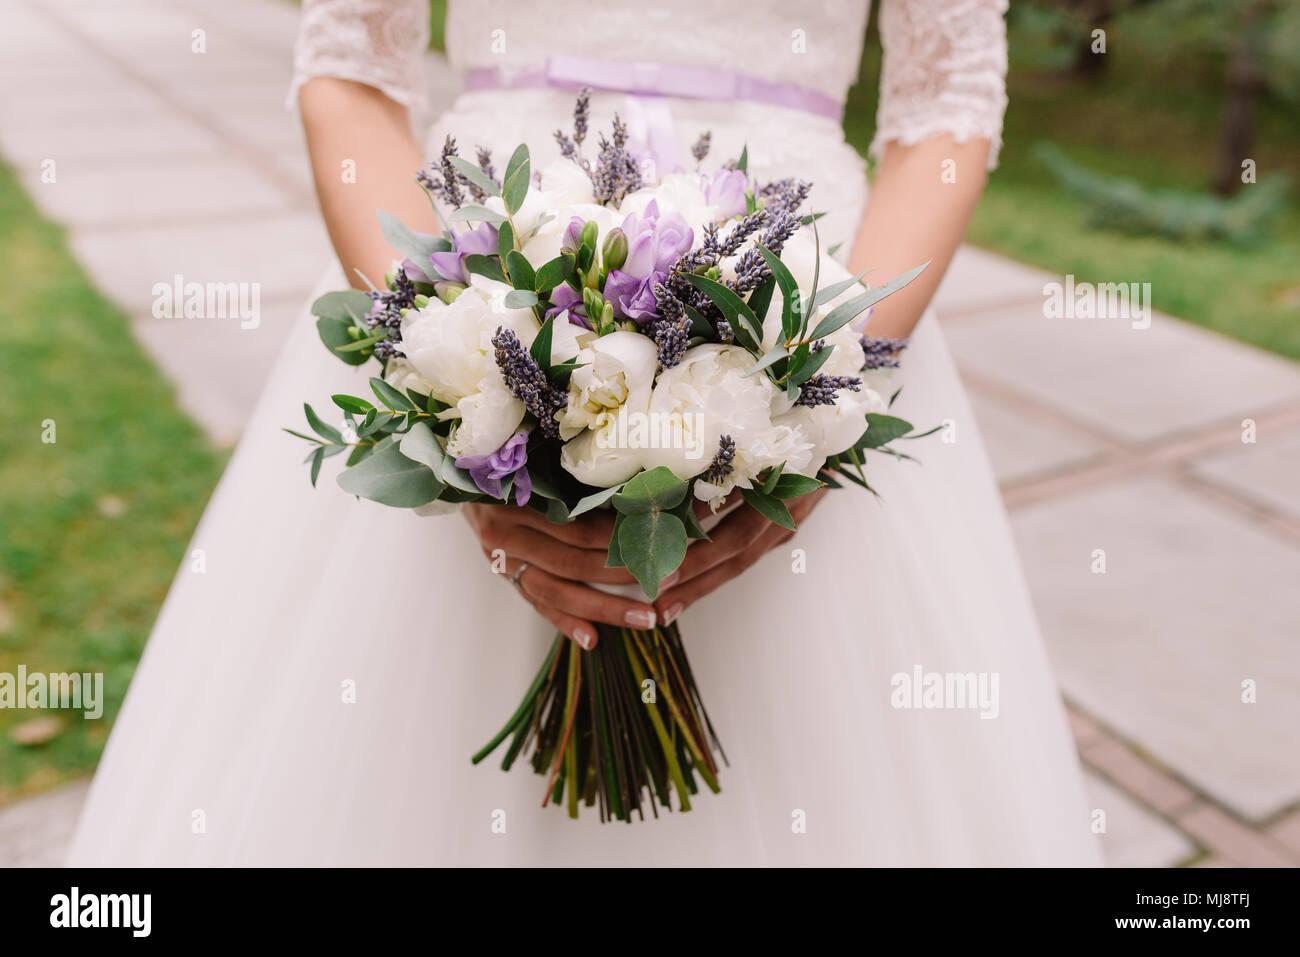 Bouquet Sposa Lavanda.Abito Da Sposa Gli Anelli Di Nozze Nozze Bouquet Con